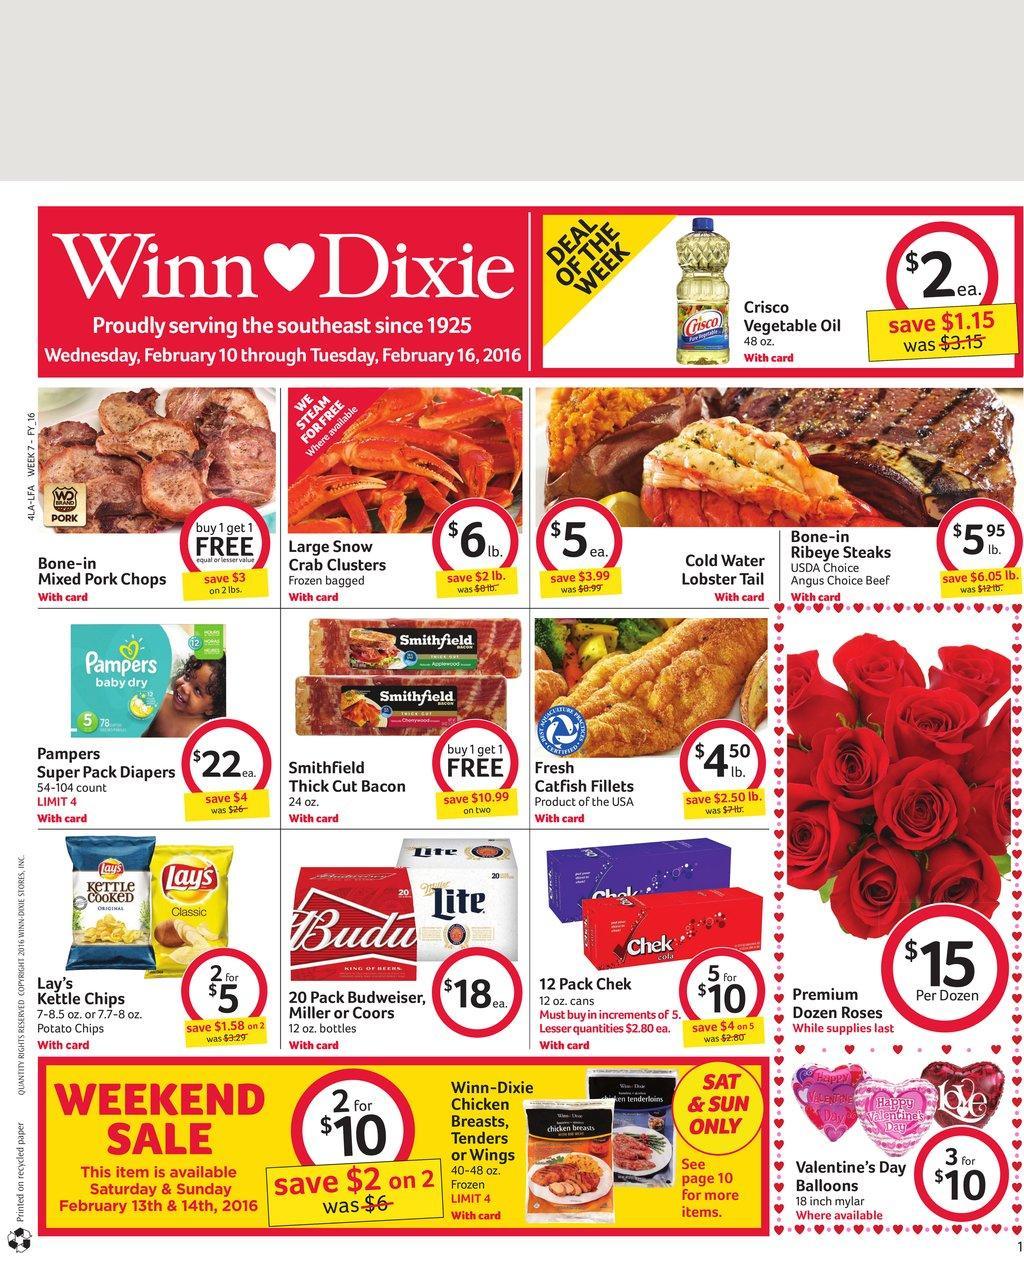 windixie grocery